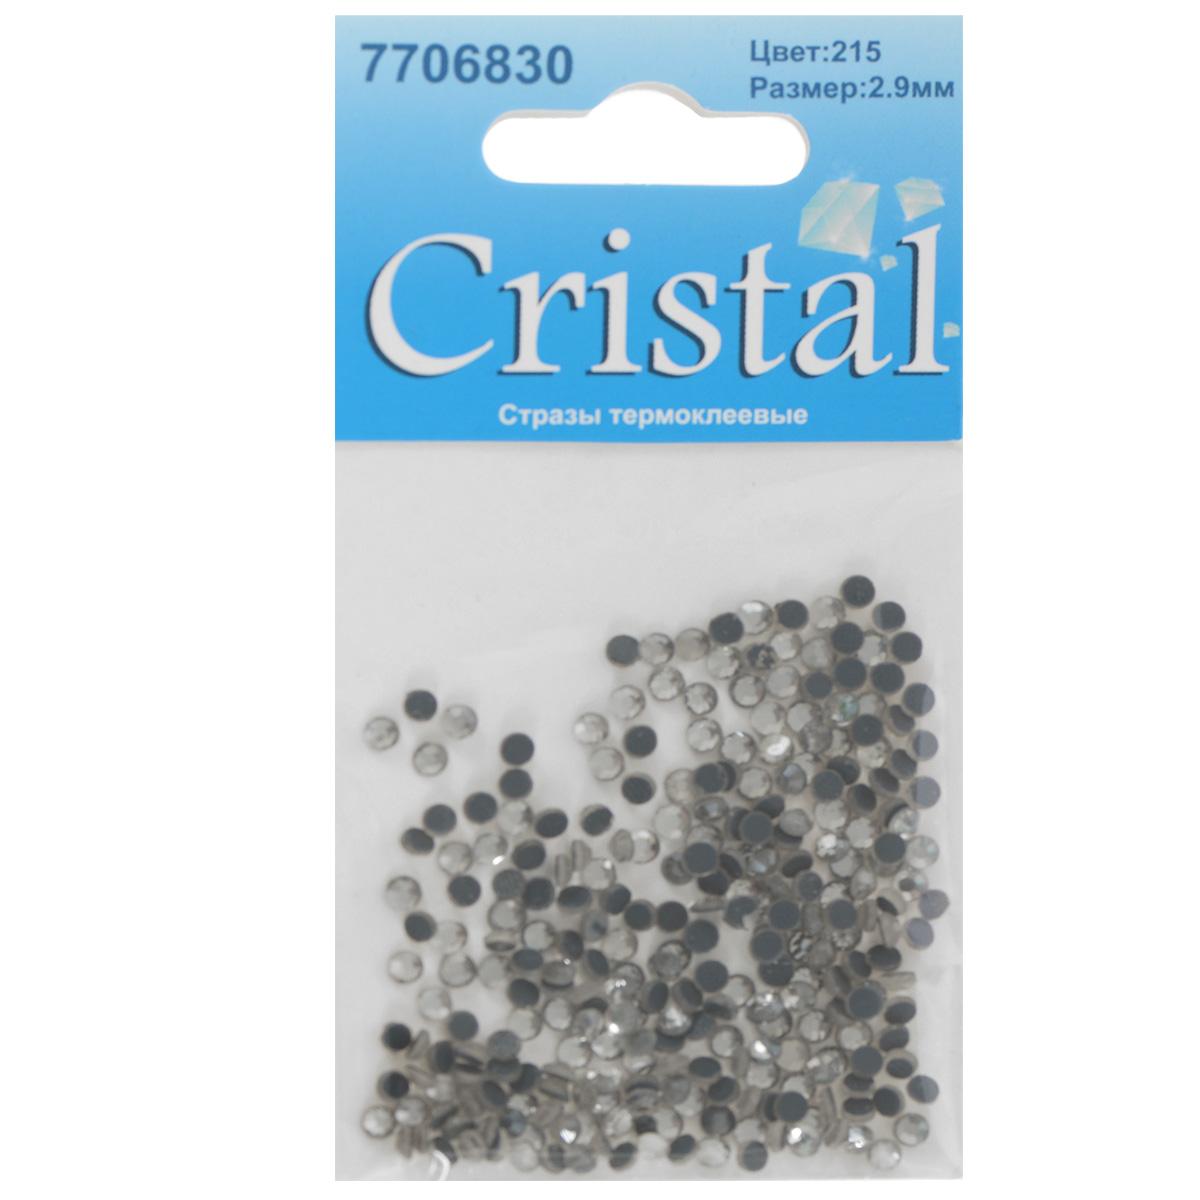 Стразы термоклеевые Cristal, цвет: белый (215), диаметр 2,9 мм, 288 шт7706830_215Набор термоклеевых страз Cristal, изготовленный из высококачественного акрила, позволит вам украсить одежду, аксессуары или текстиль. Яркие стразы имеют плоское дно и круглую поверхность с гранями.Дно термоклеевых страз уже обработано особым клеем, который под воздействием высоких температур начинает плавиться, приклеиваясь, таким образом, к требуемой поверхности. Чаще всего их используют в текстильной промышленности: стразы прикладывают к ткани и проглаживают утюгом с обратной стороны. Также можно использовать специальный паяльник. Украшение стразами поможет сделать любую вещь оригинальной и неповторимой. Диаметр страз: 2,9 мм.